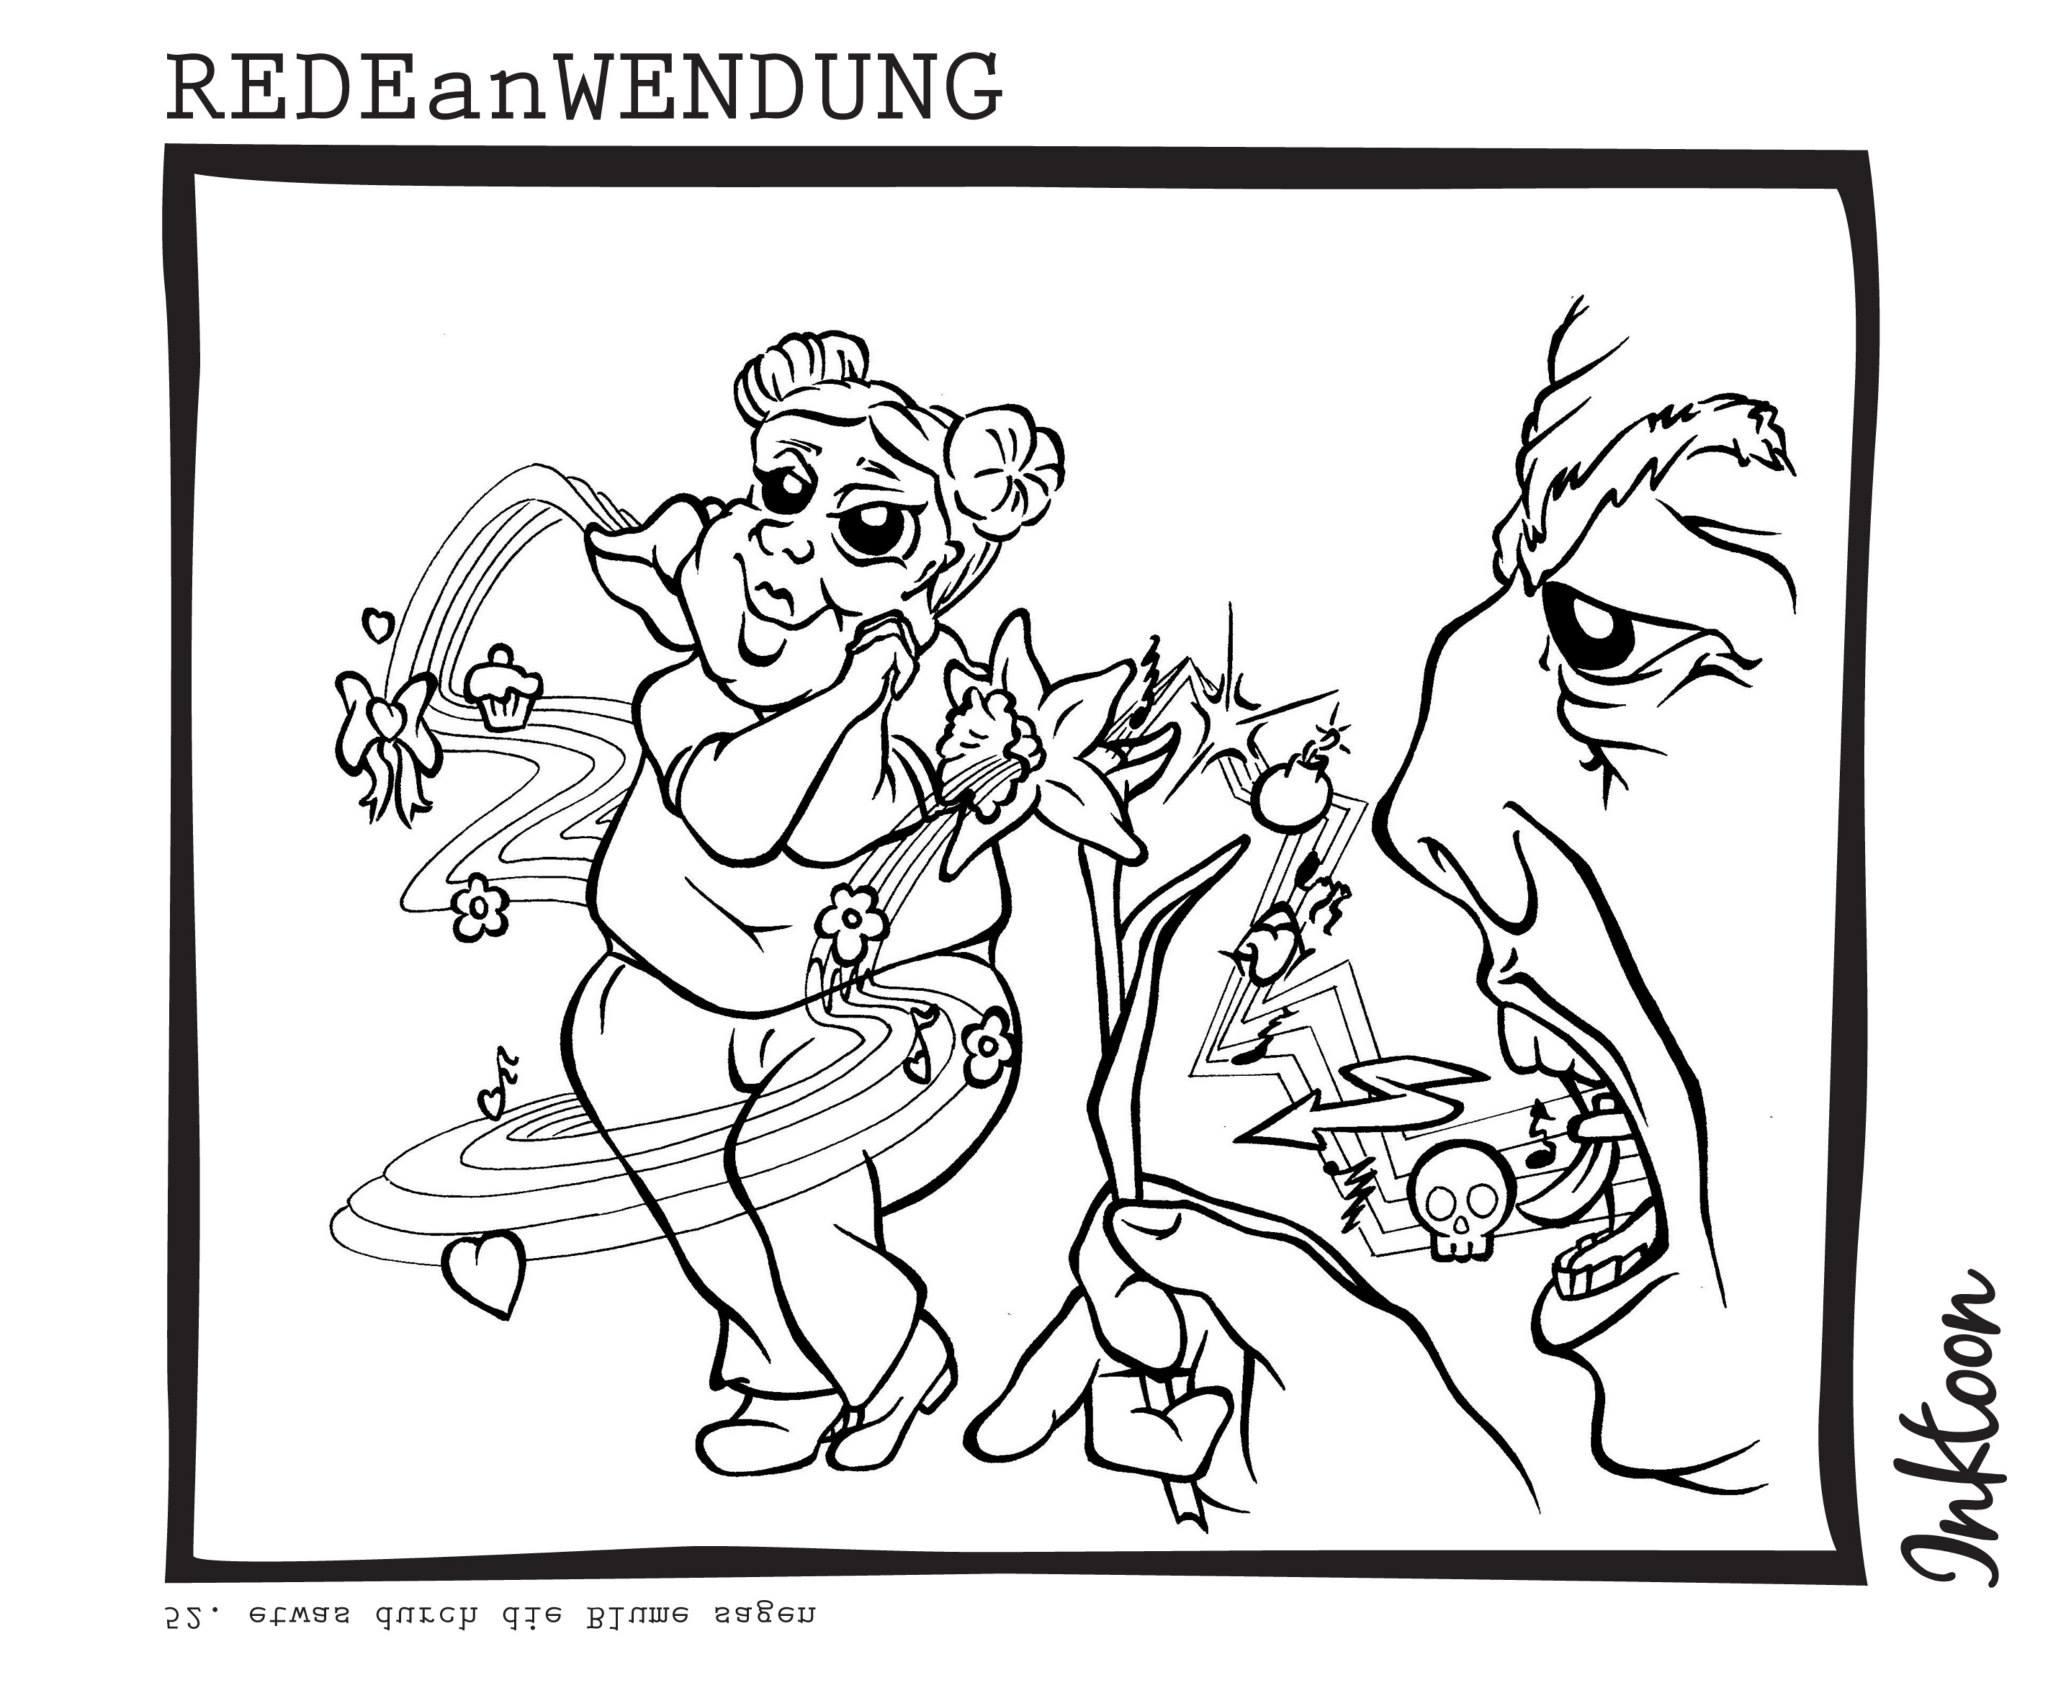 Wahrheit schonend verhüllt Information Kritik andeuten durch die Blume sagen Redewendung Redeanwendung Bilderrätsel toon inktoon Illustration Grafik Sprichwort Bild